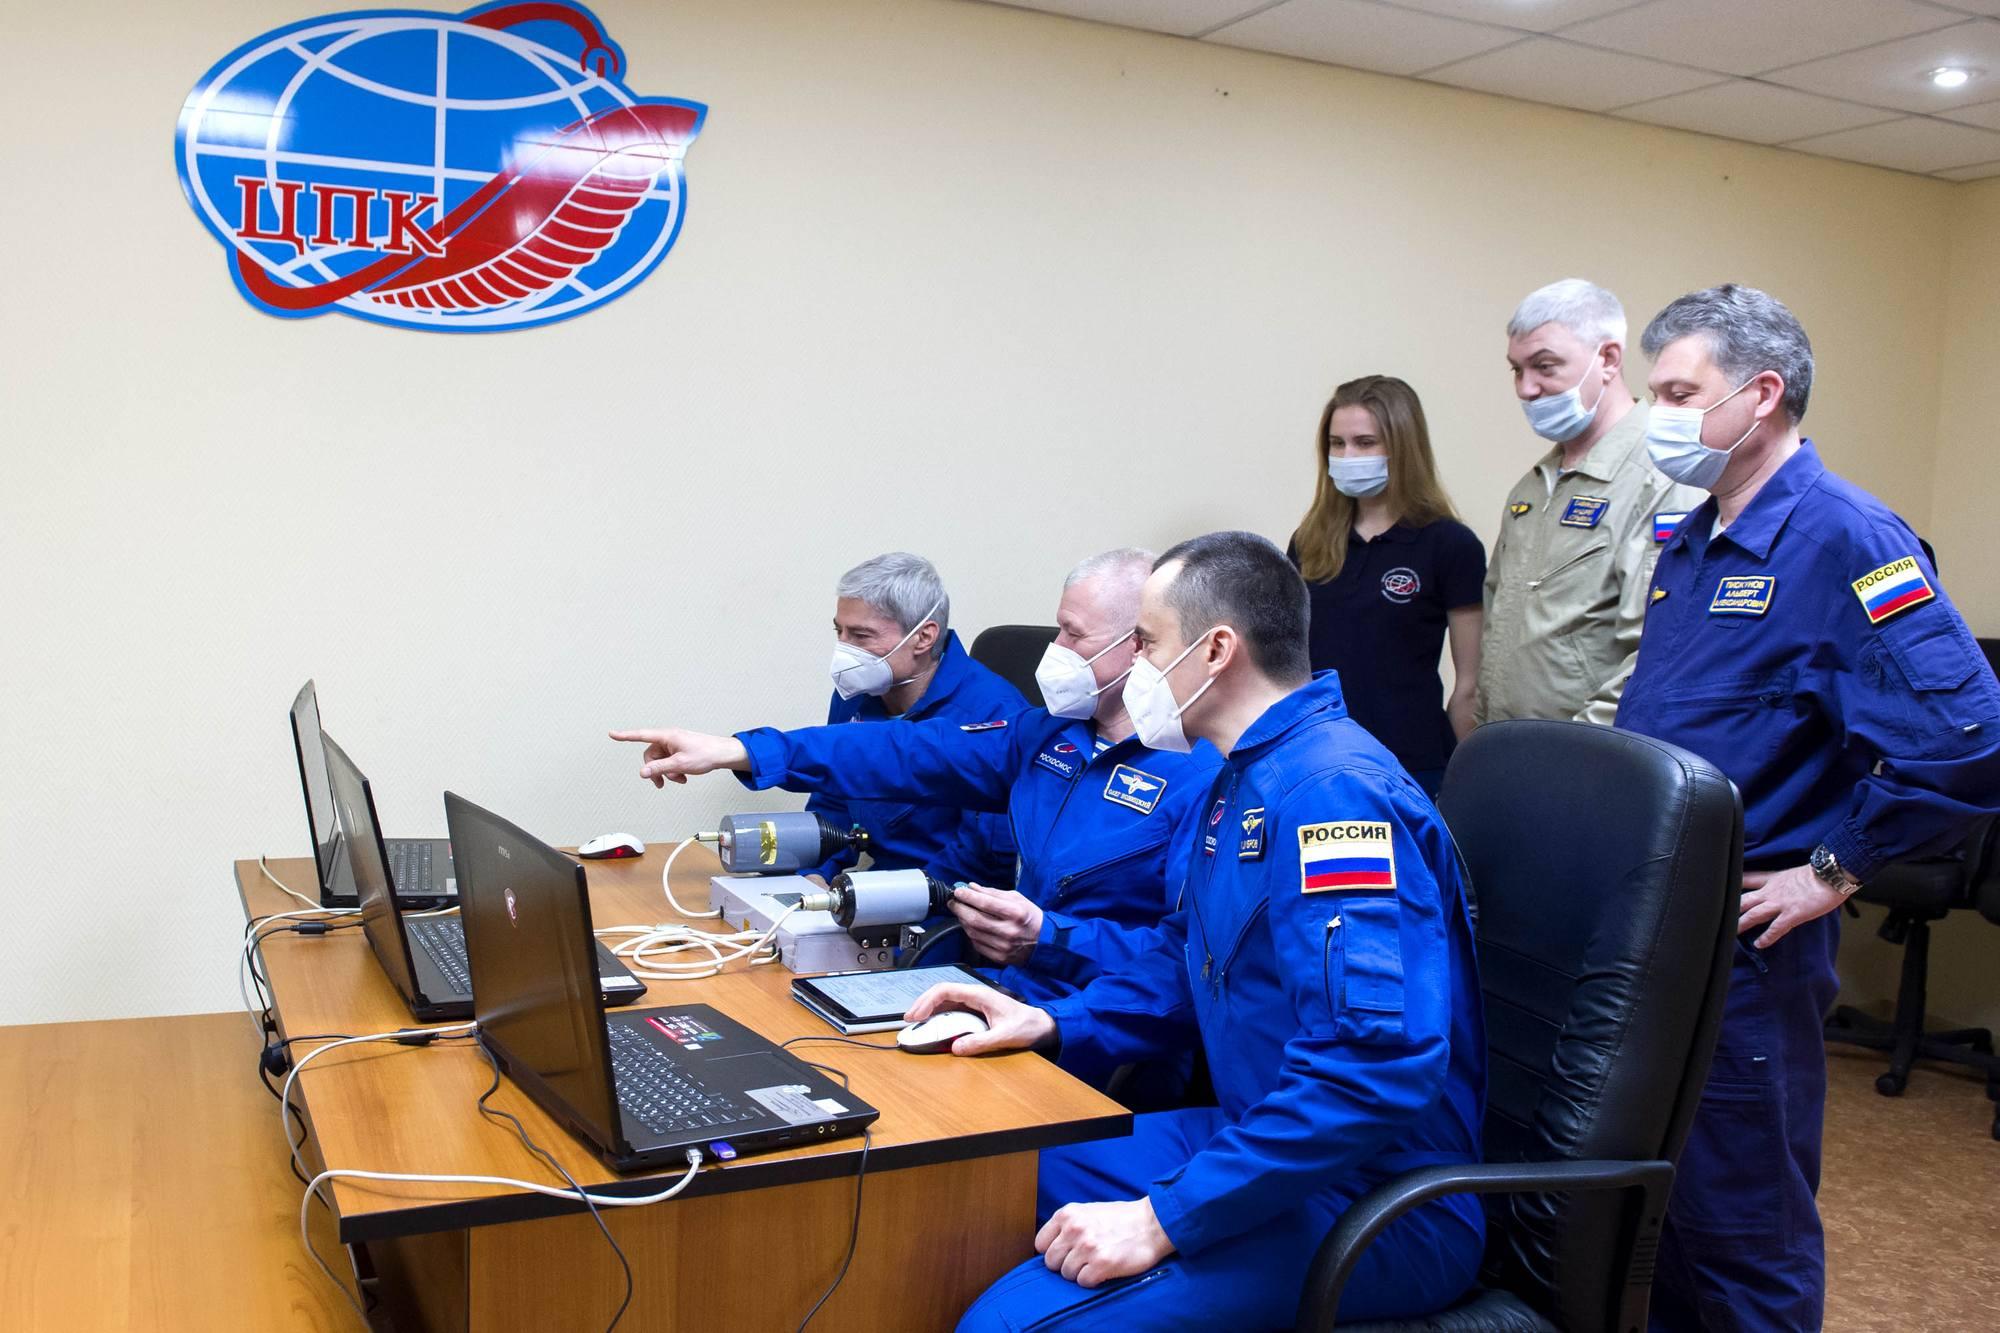 Entraînement au rendez-vous manuel avec l'ISS pour l'équipage principal.